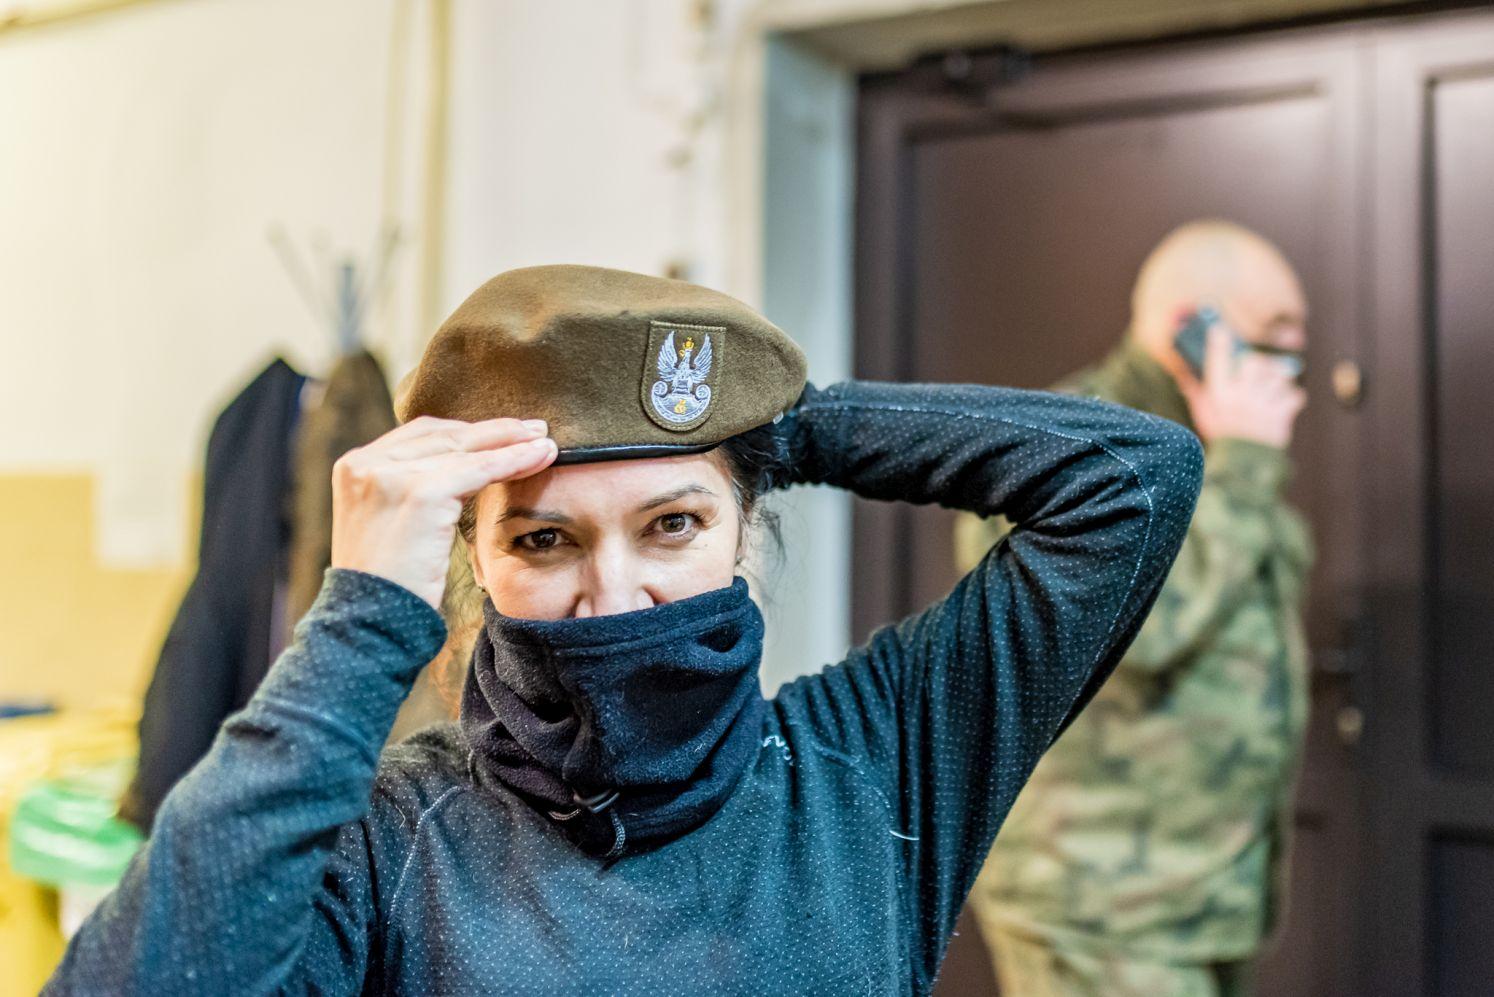 Nowi ochotnicy do Obrony Terytorialnej. Wśród nich m.in. kierownik sprzedaży, były policjant, informatyk - Zdjęcie główne